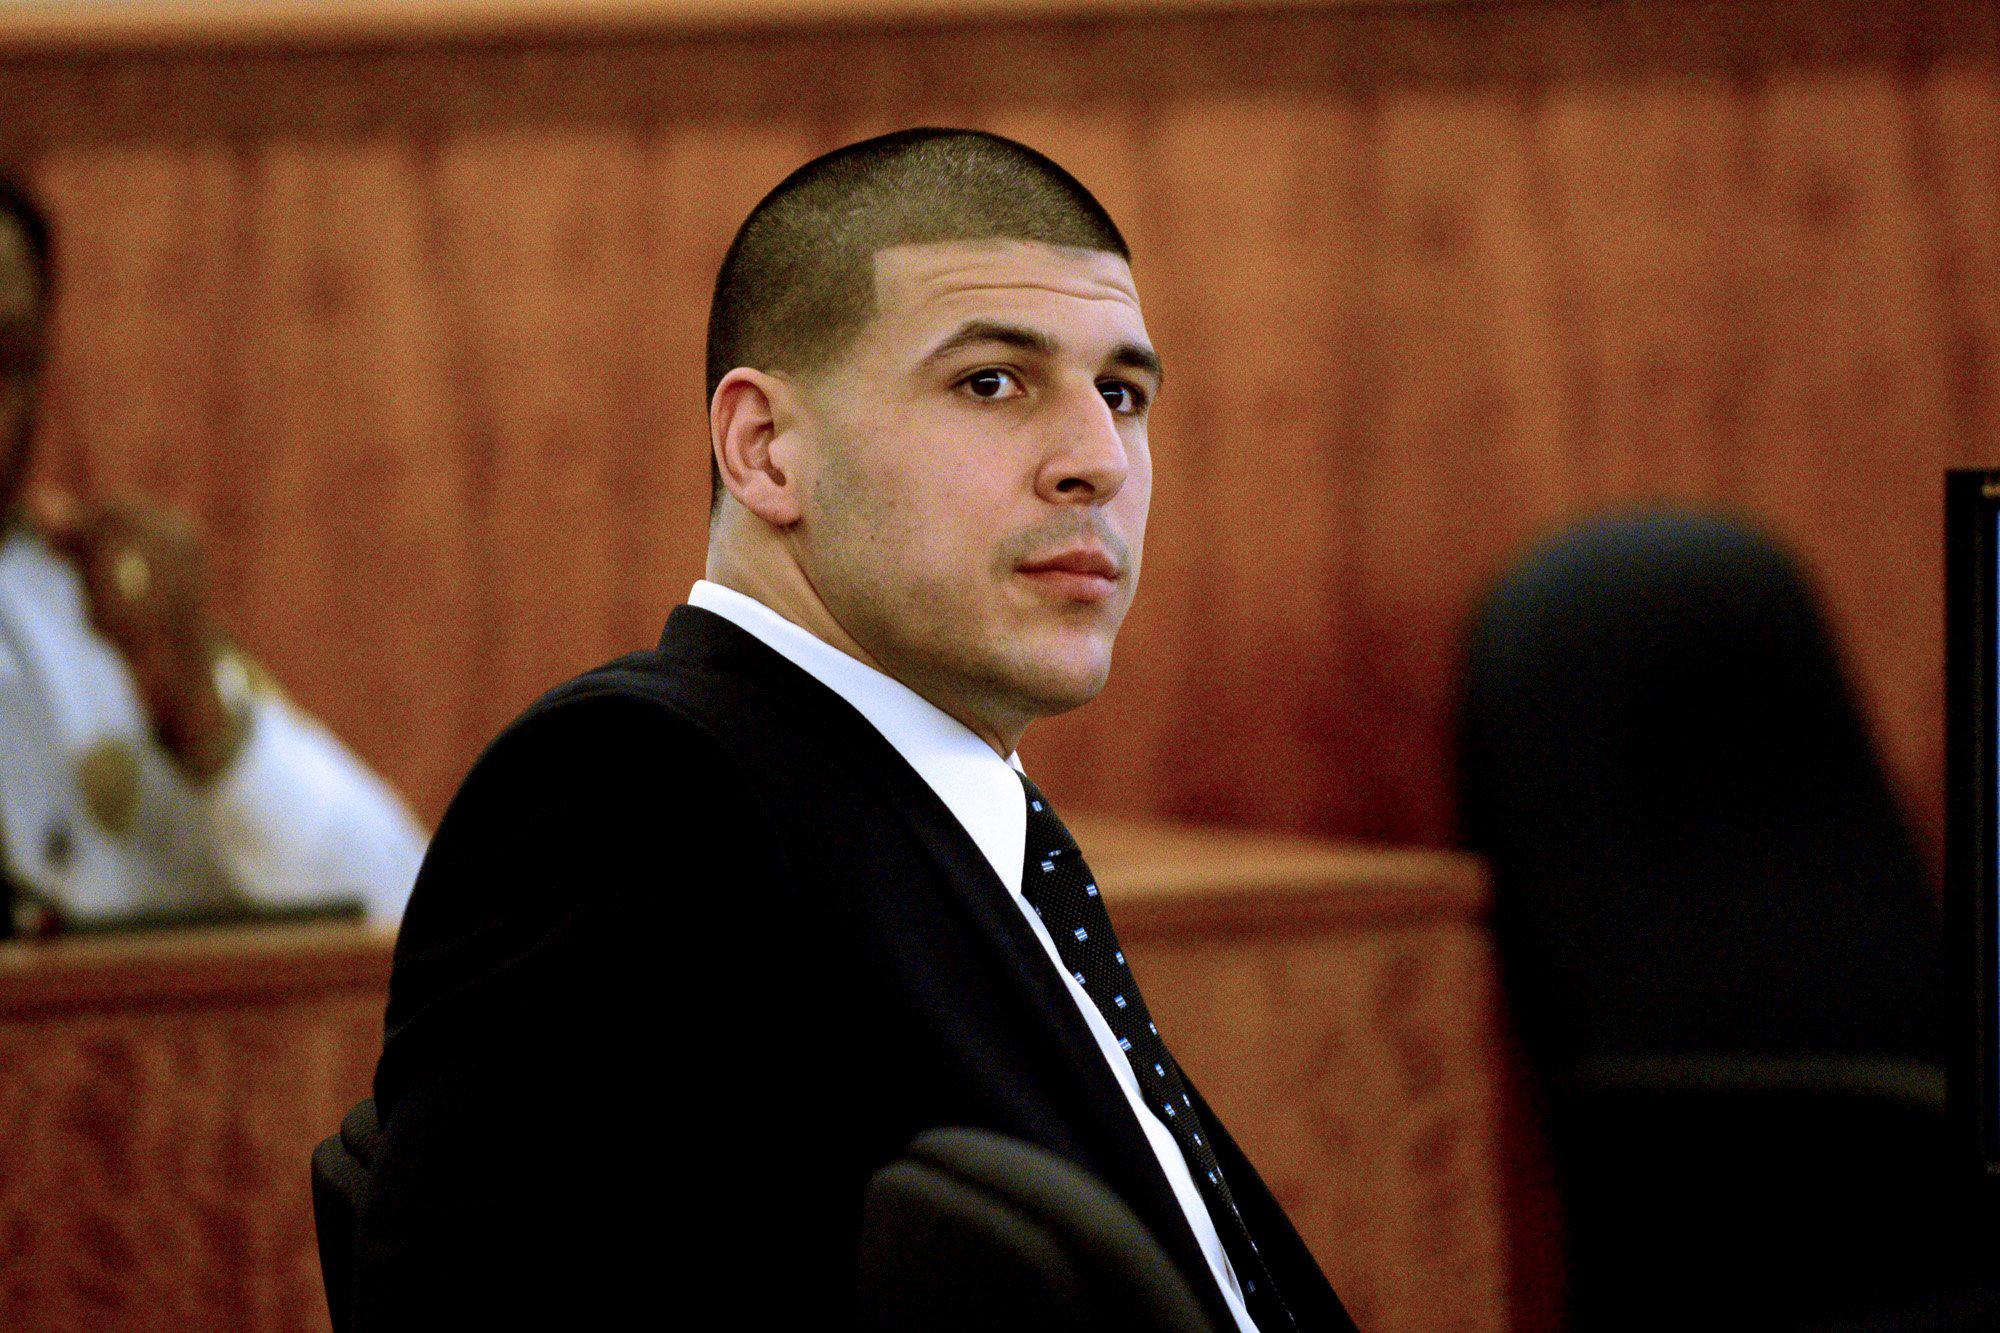 Ex-Patriots Star Aaron Hernandez Found Dead in Prison Cell